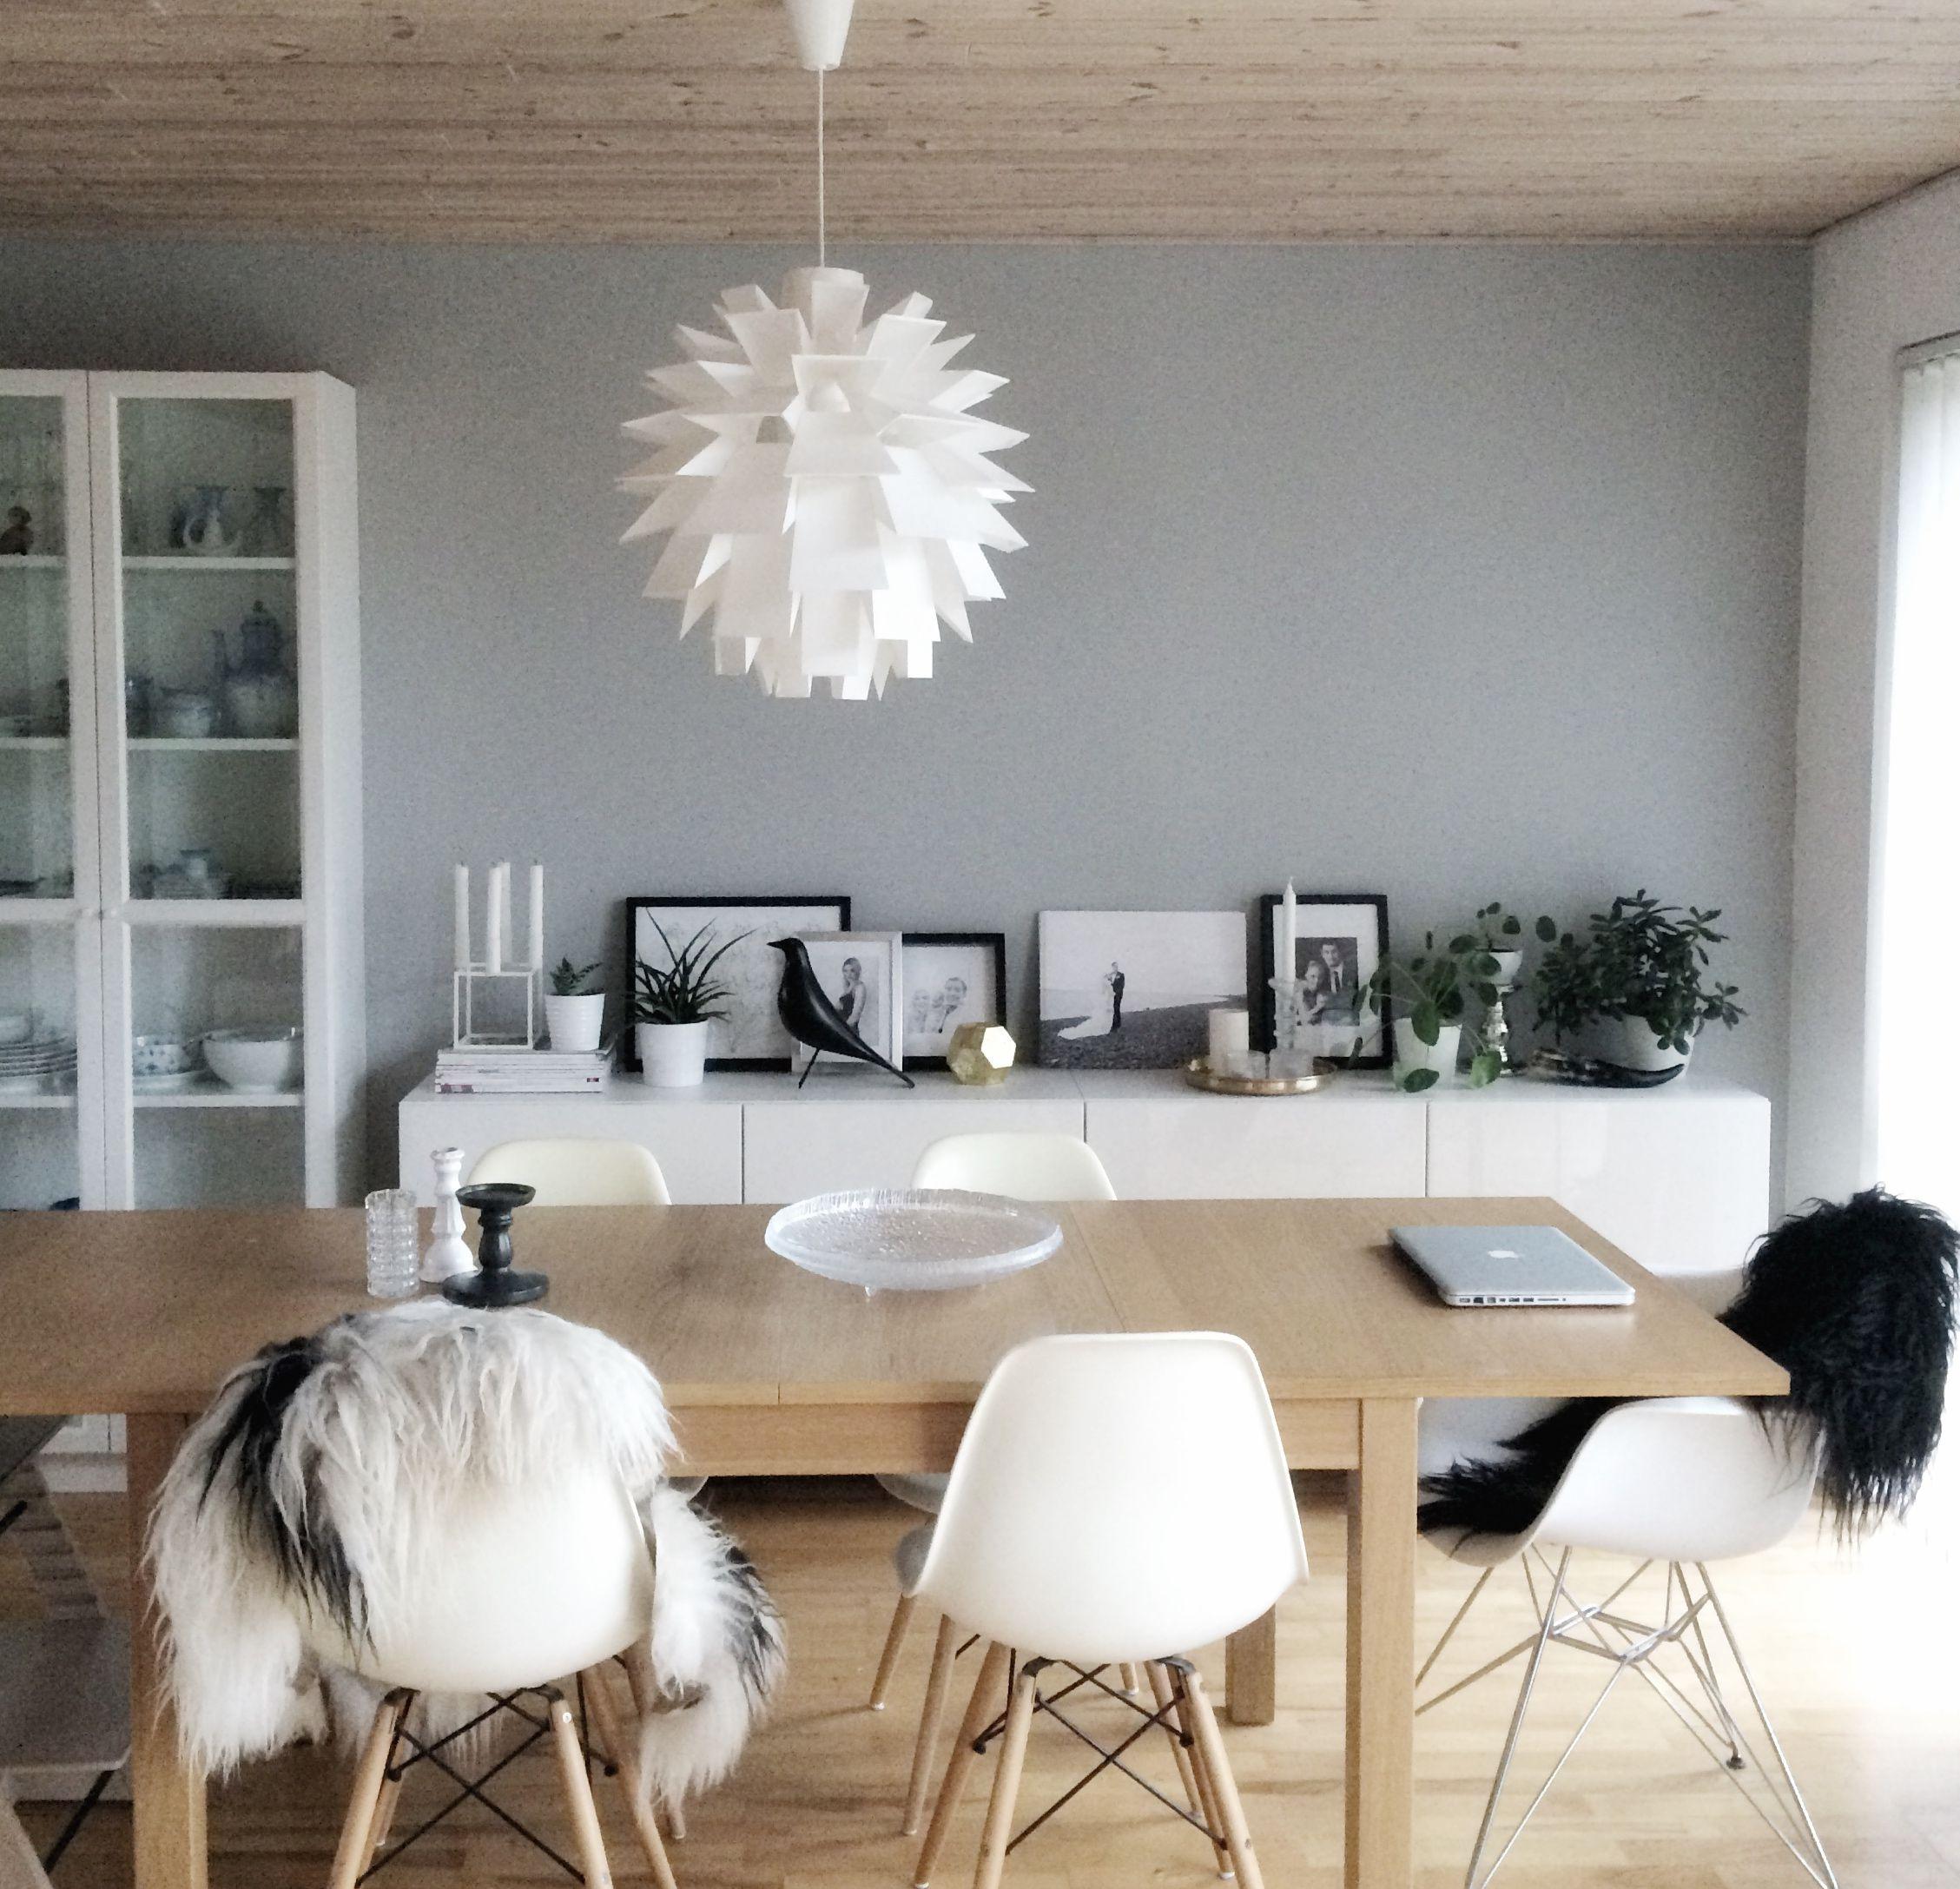 Maison, Idées Pour La Maison Et Séjour